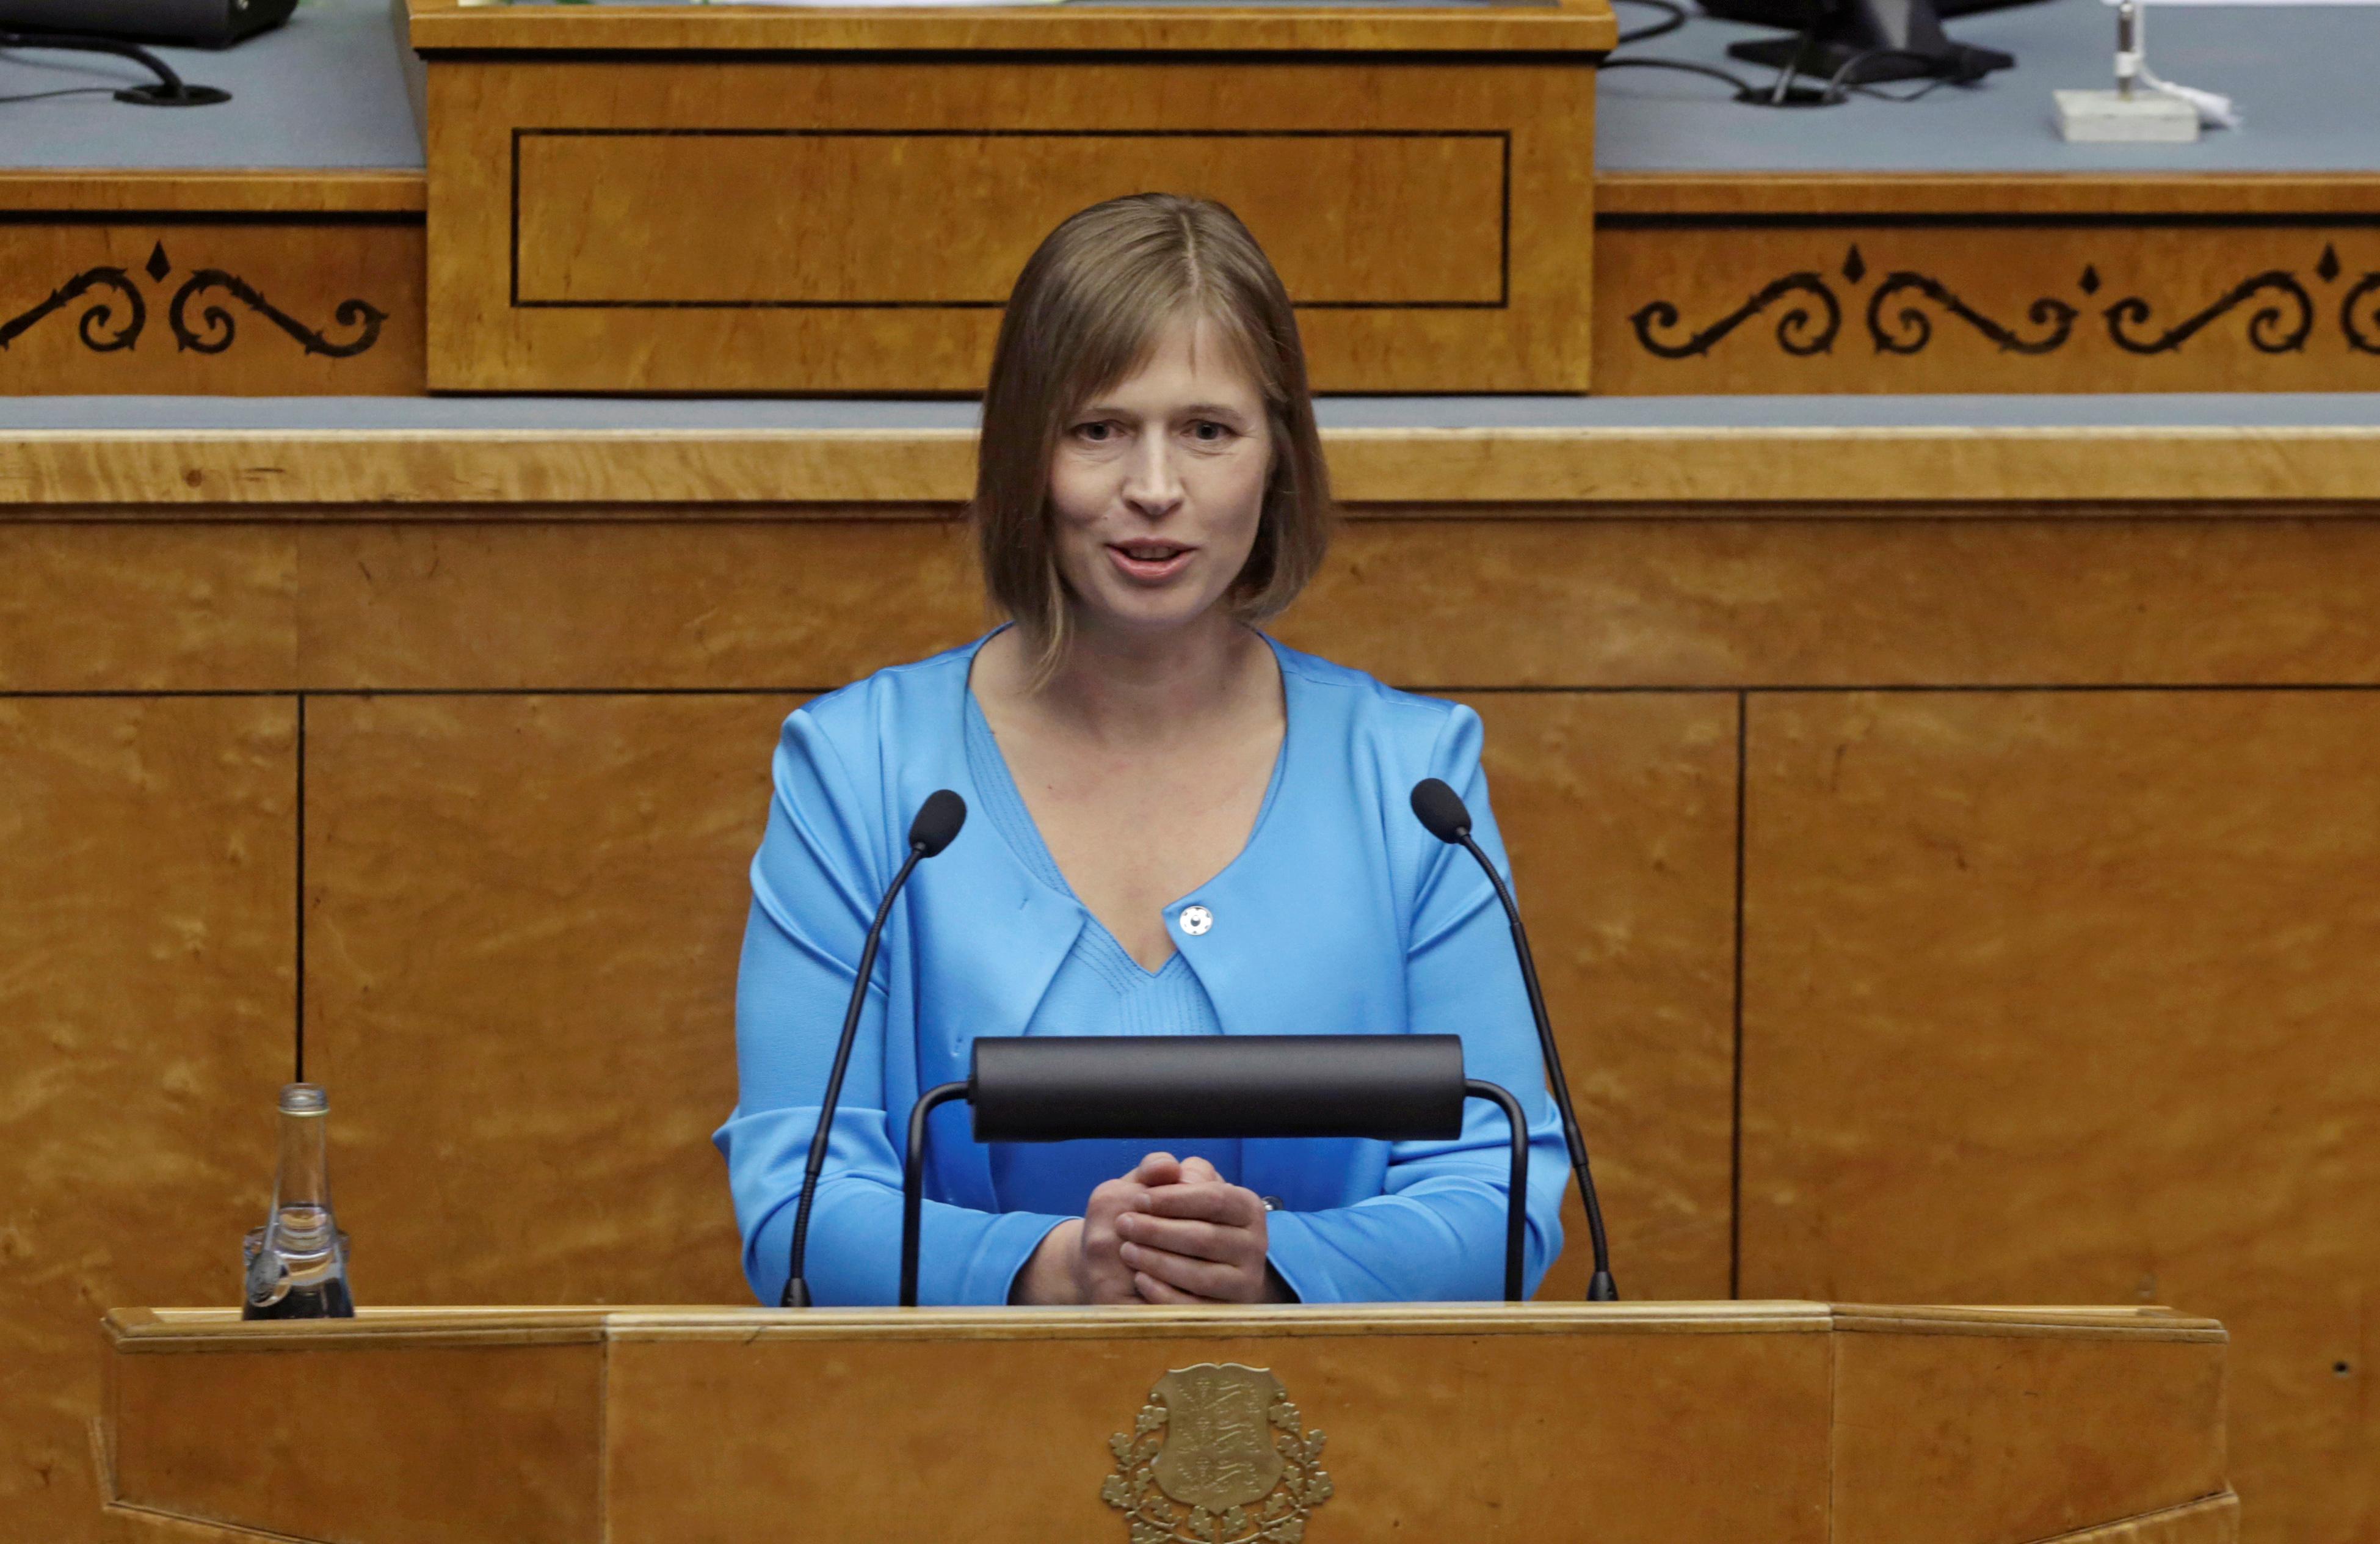 Image for Diplomaatia peatoimetaja Erkki Bahovski kommenteeris uut Eesti presidenti Soome meediale